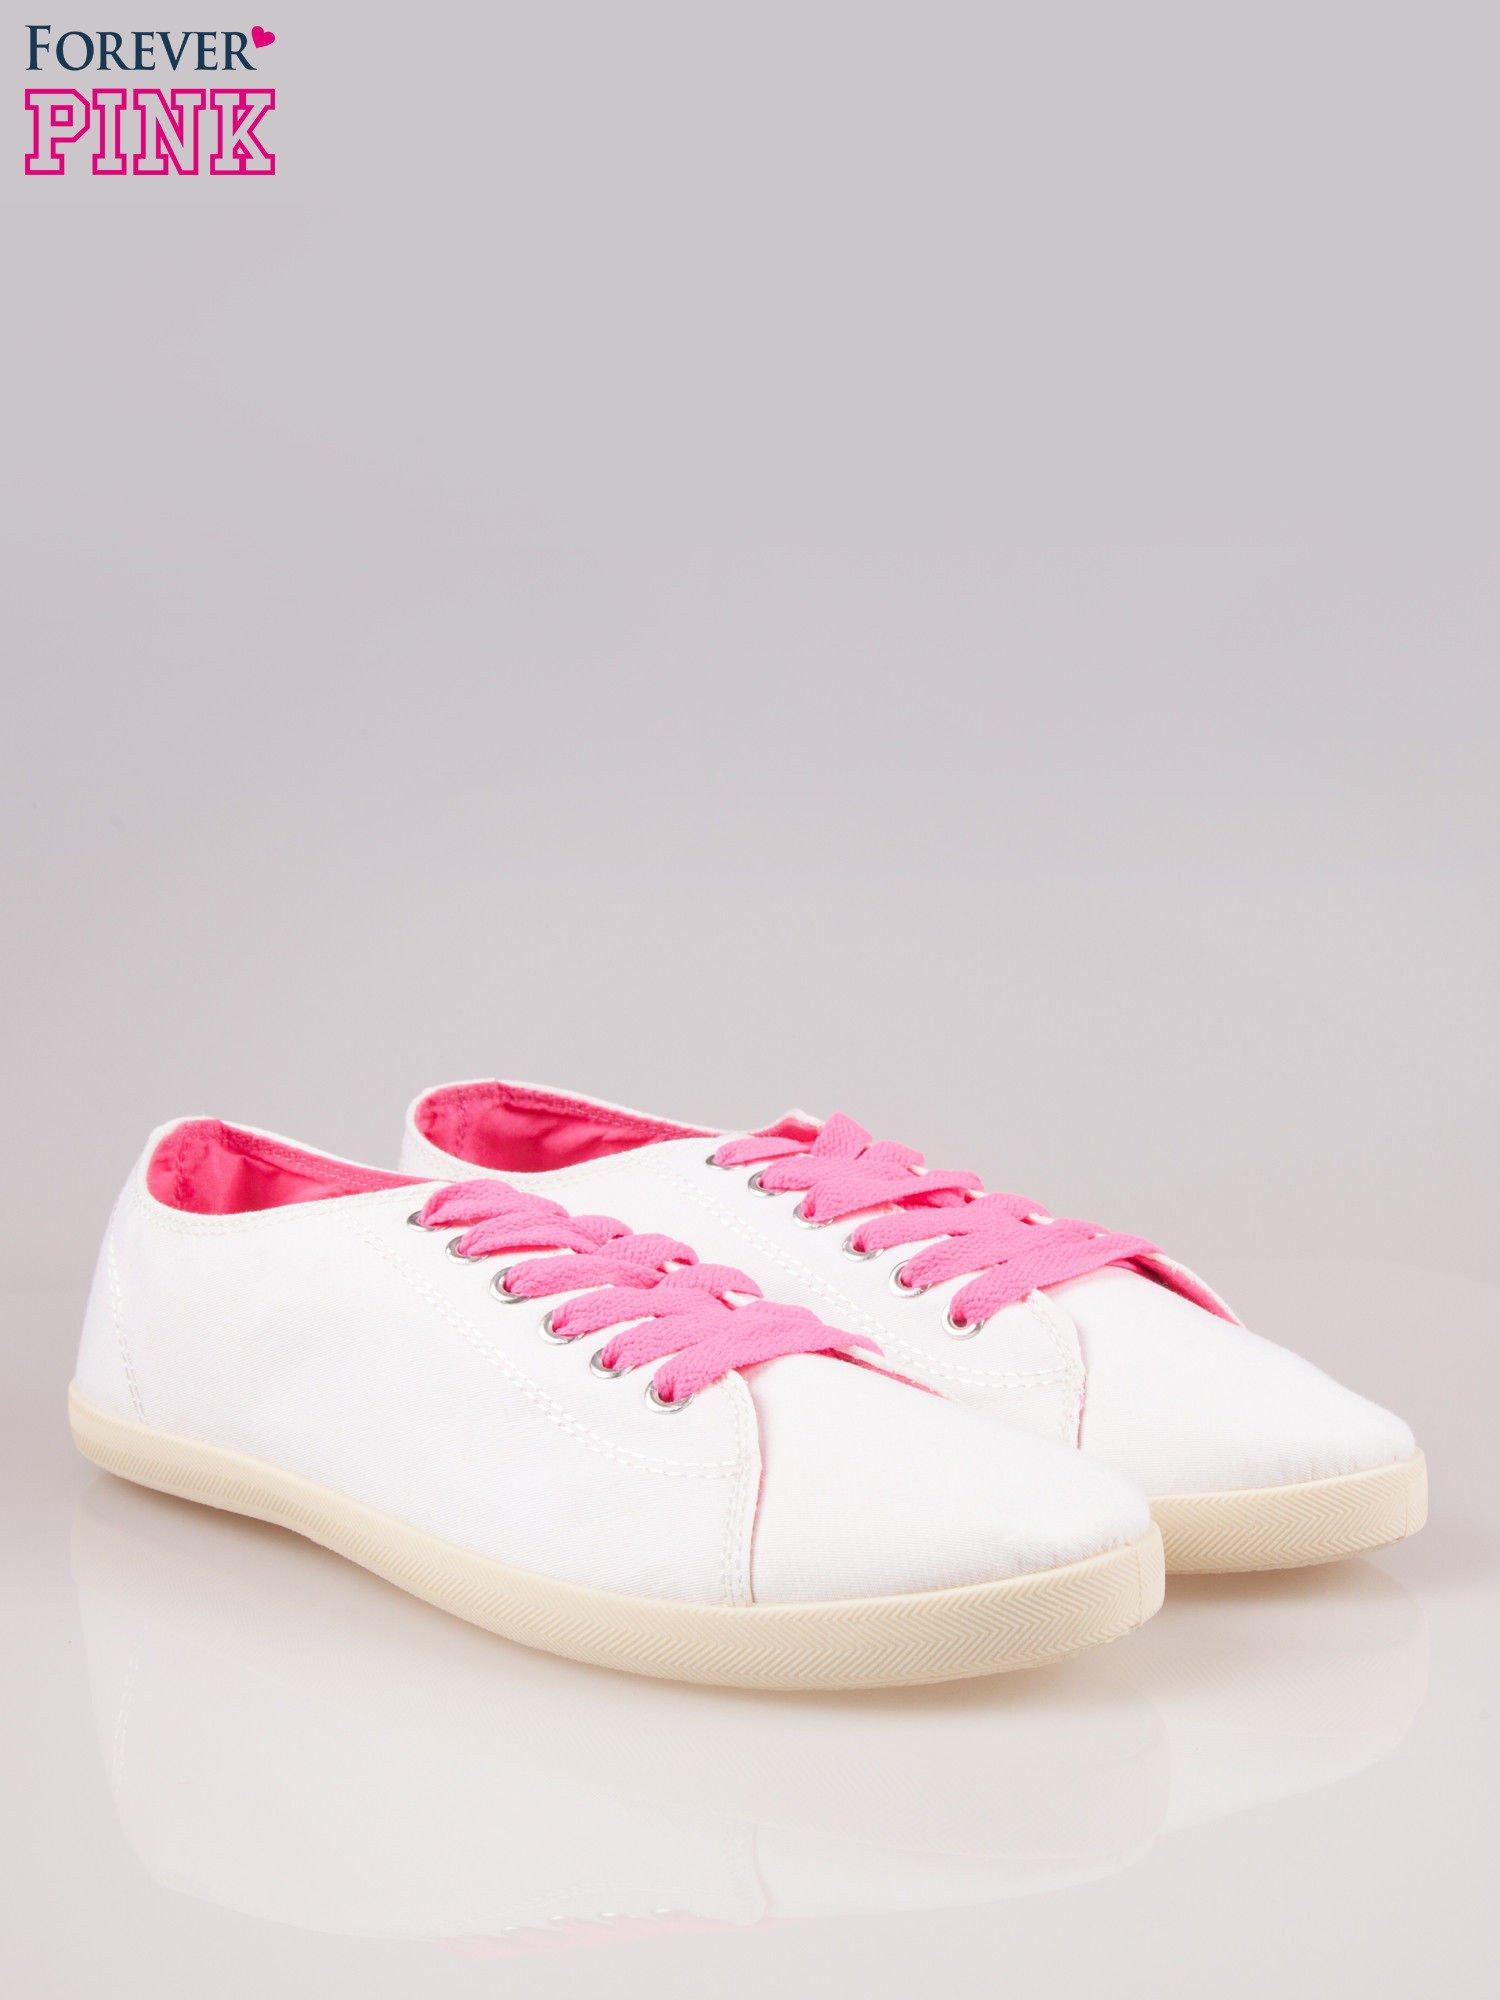 Białe tenisówki damskie z różowymi sznurówkami                                  zdj.                                  2